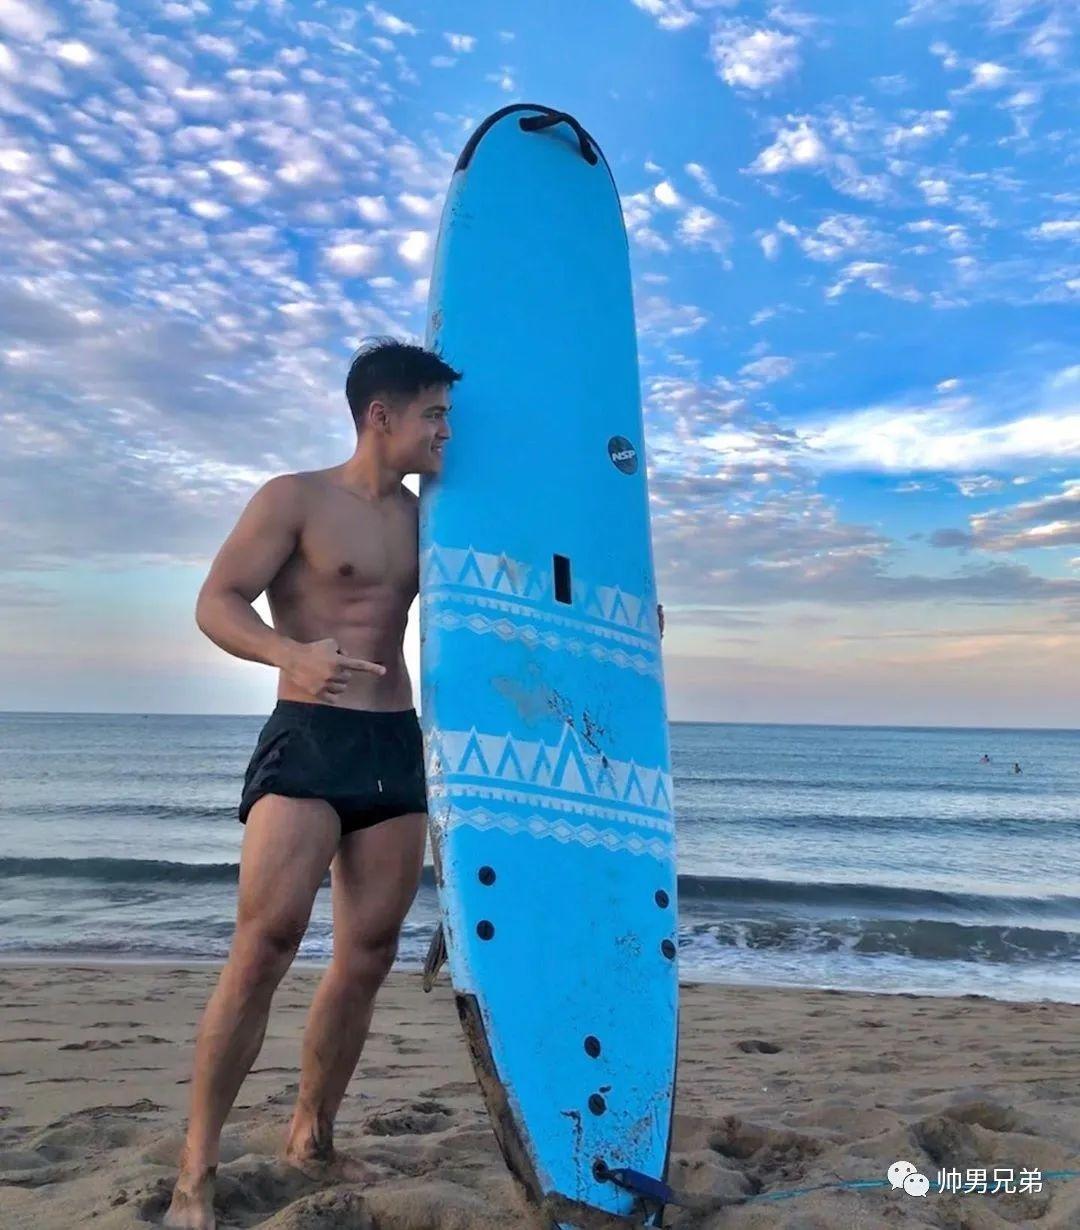 海上冲浪的腹肌帅哥,眼眸天空一样明亮